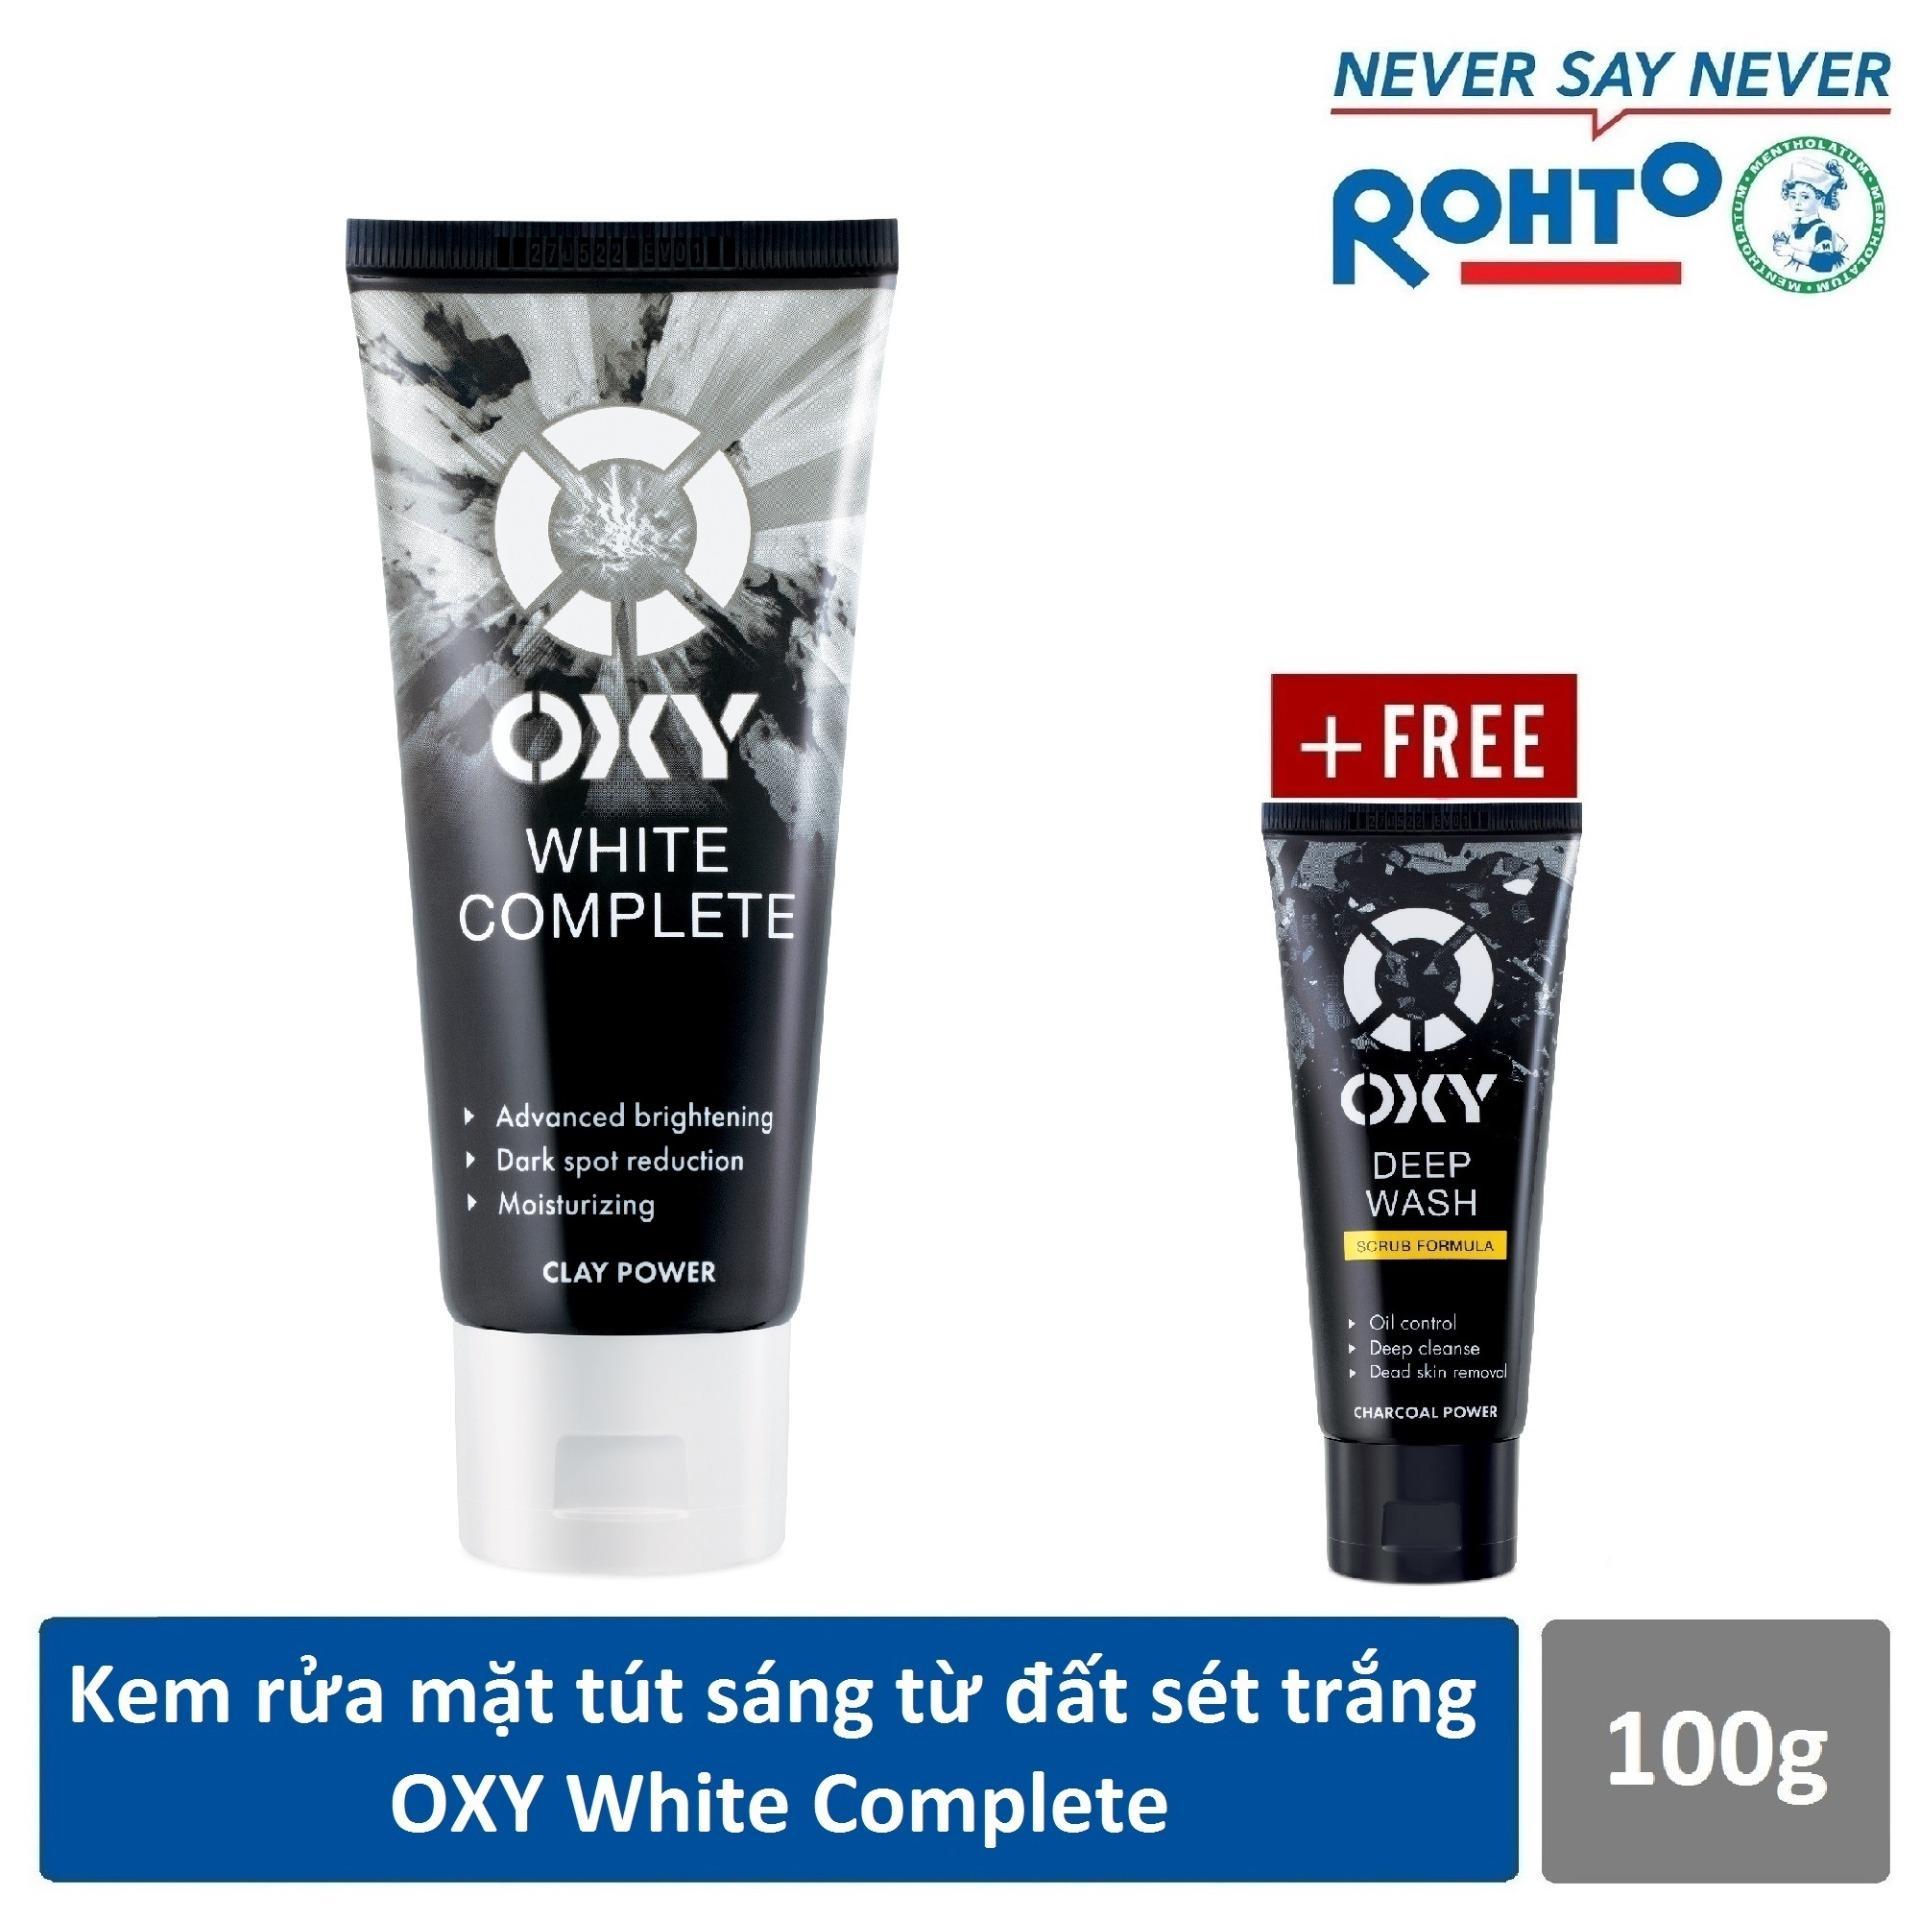 Kem rửa mặt tút sáng từ đất sét trắng OXY White Complete 100g + Tặng Kem rửa mặt có hạt OXY Deep Wash Scrub 25g cao cấp